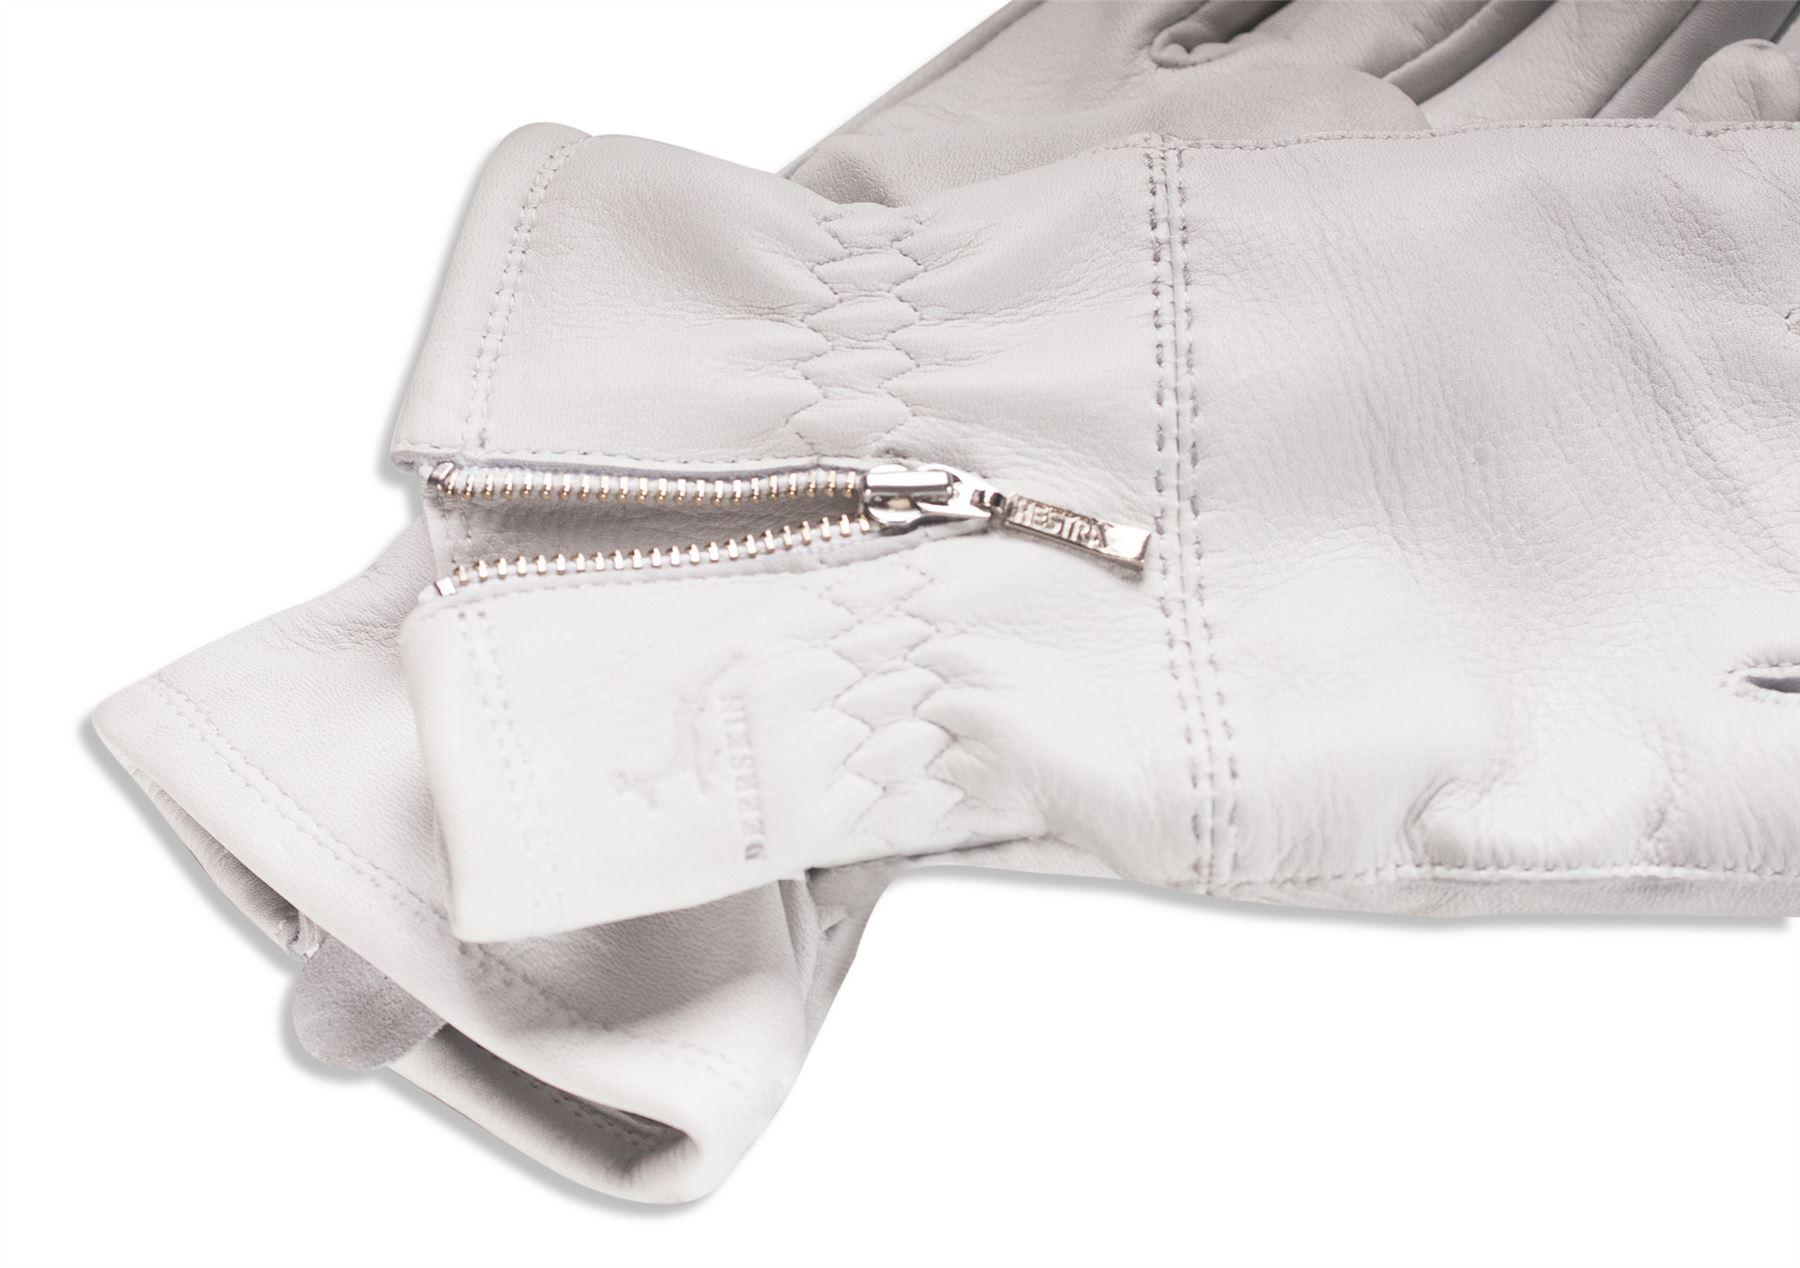 Ladies leather gloves wool lined - Hestra Ladies Real Deerskin Leather Gloves Merino Wool